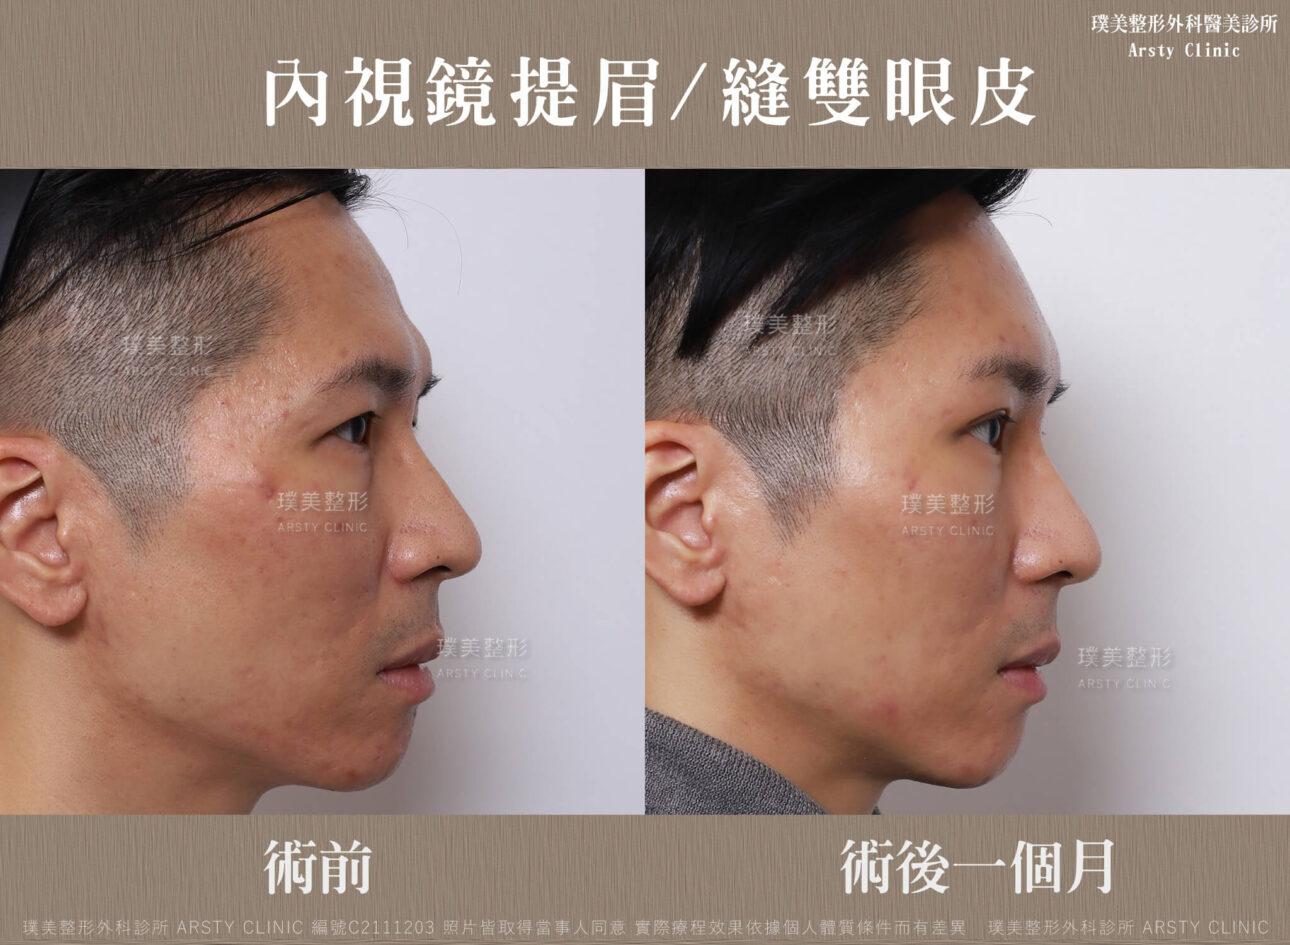 內視鏡提眉 縫雙眼皮 C211203BA1M04